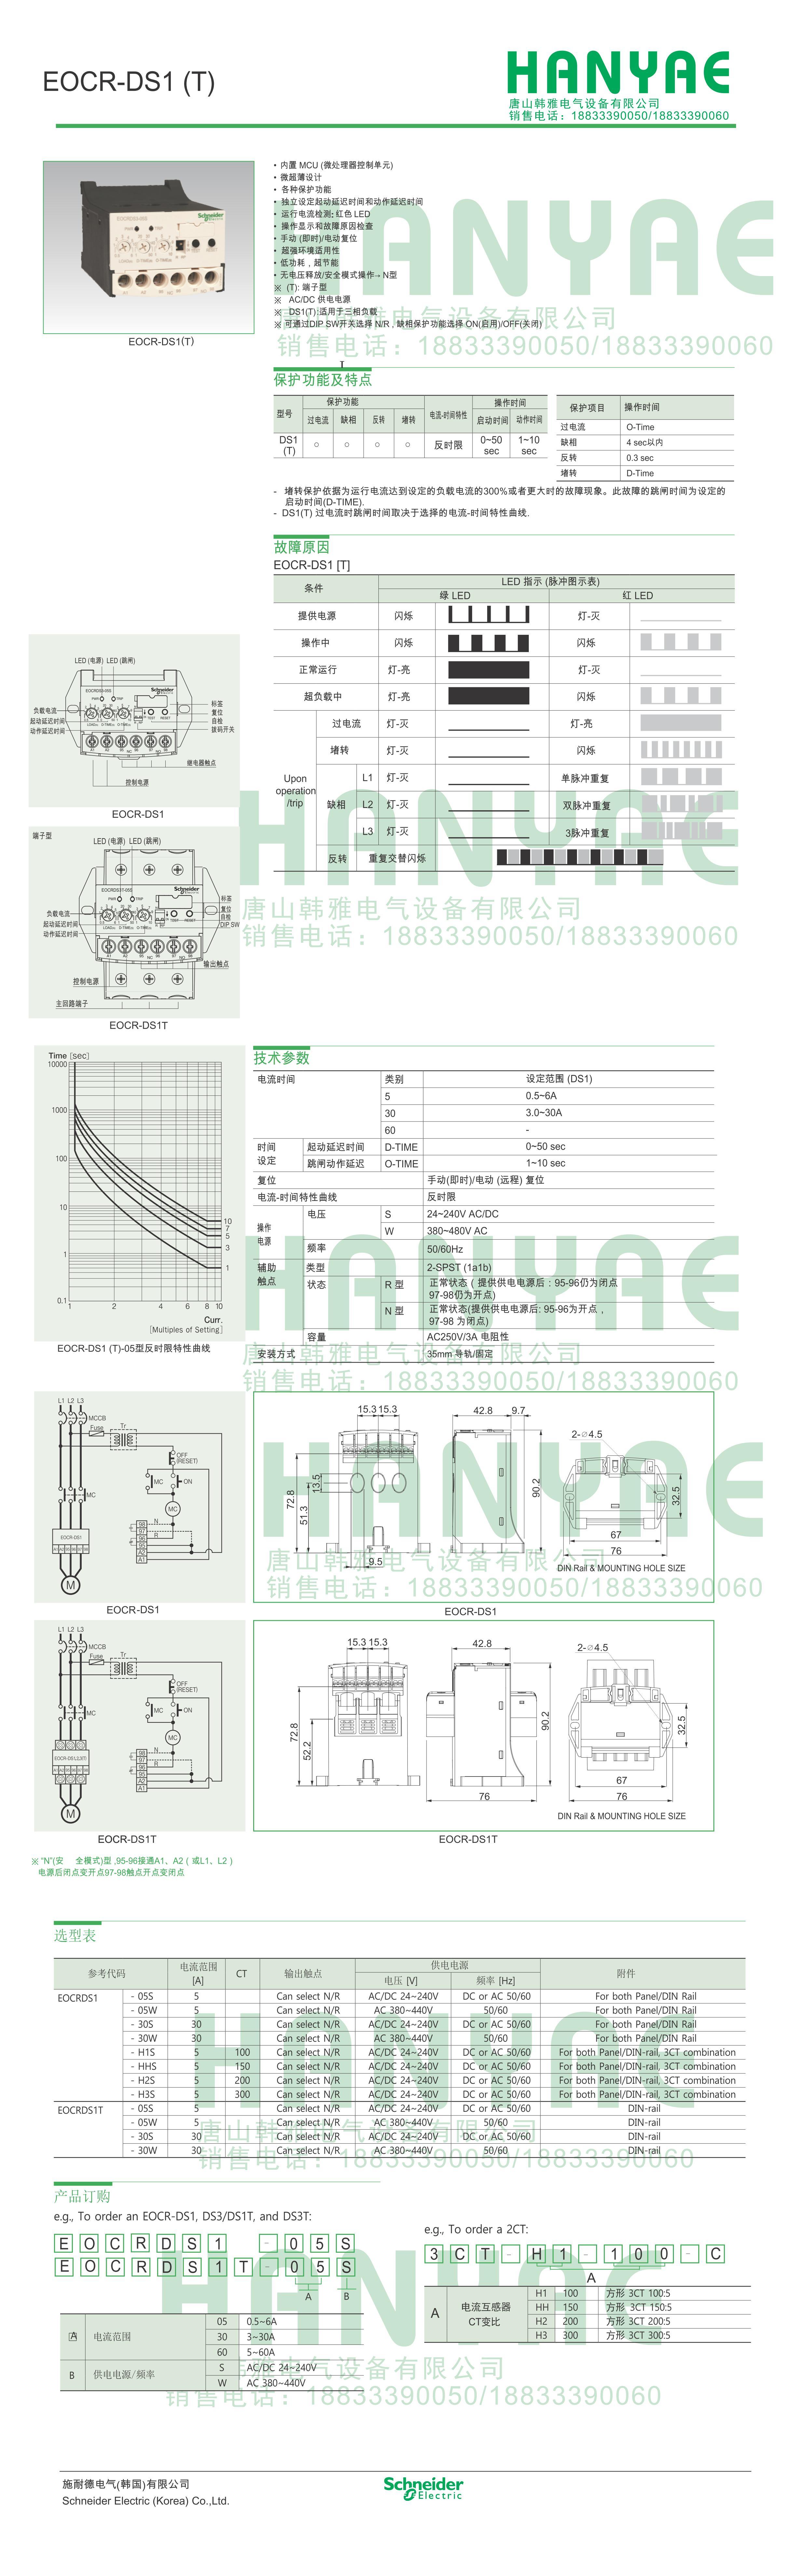 韩国三和EOCRDS1-60RB 施耐德,韩国三和,韩国SAMWHA,电子式继电器,EOCR-DS1